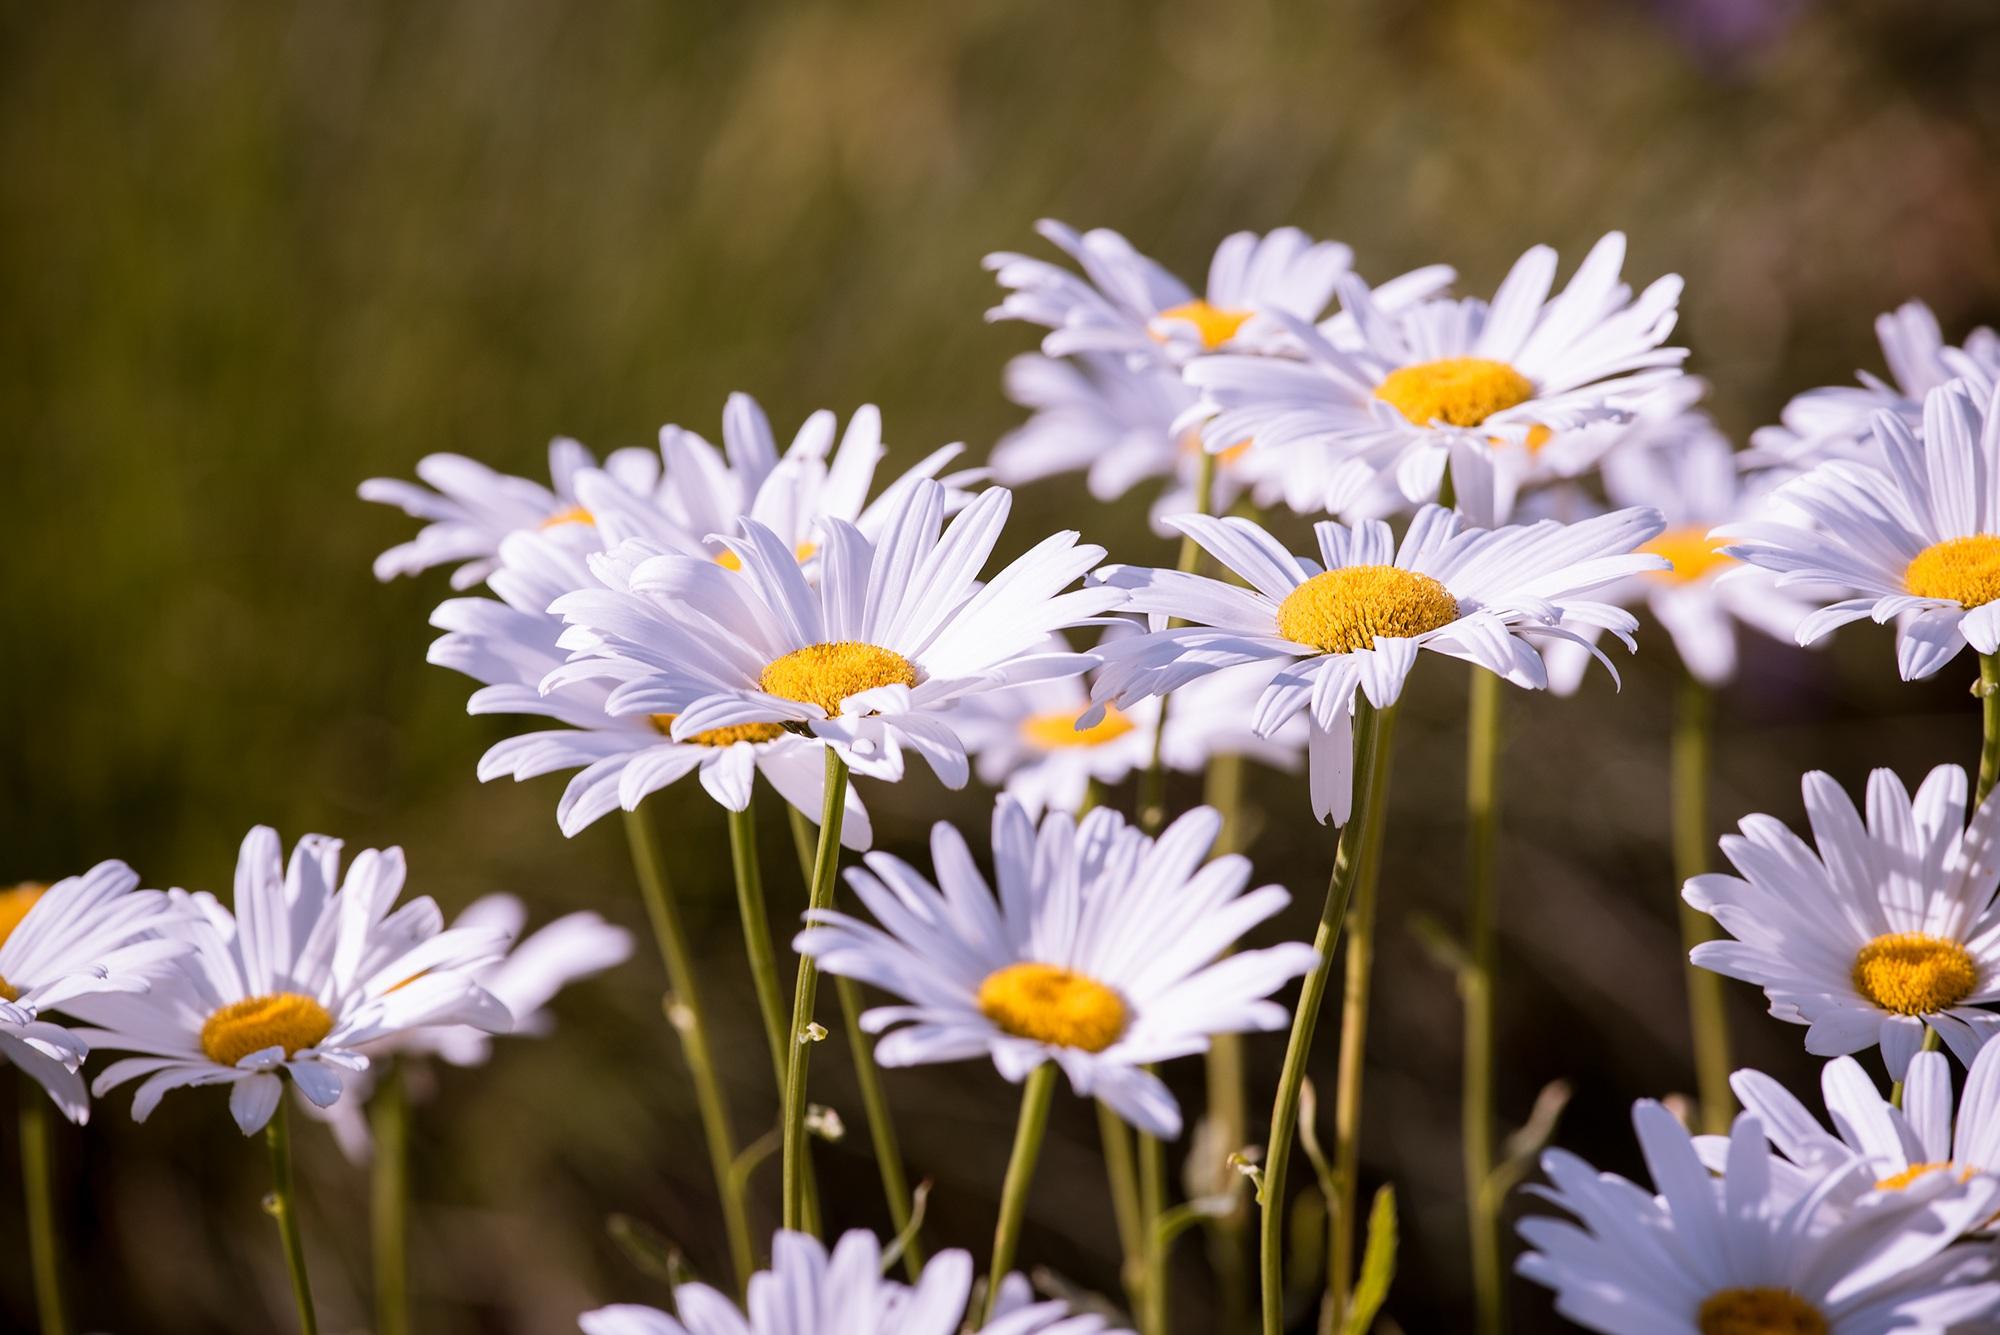 132835 Заставки и Обои Ромашки на телефон. Скачать Цветы, Ромашки, Лепестки картинки бесплатно